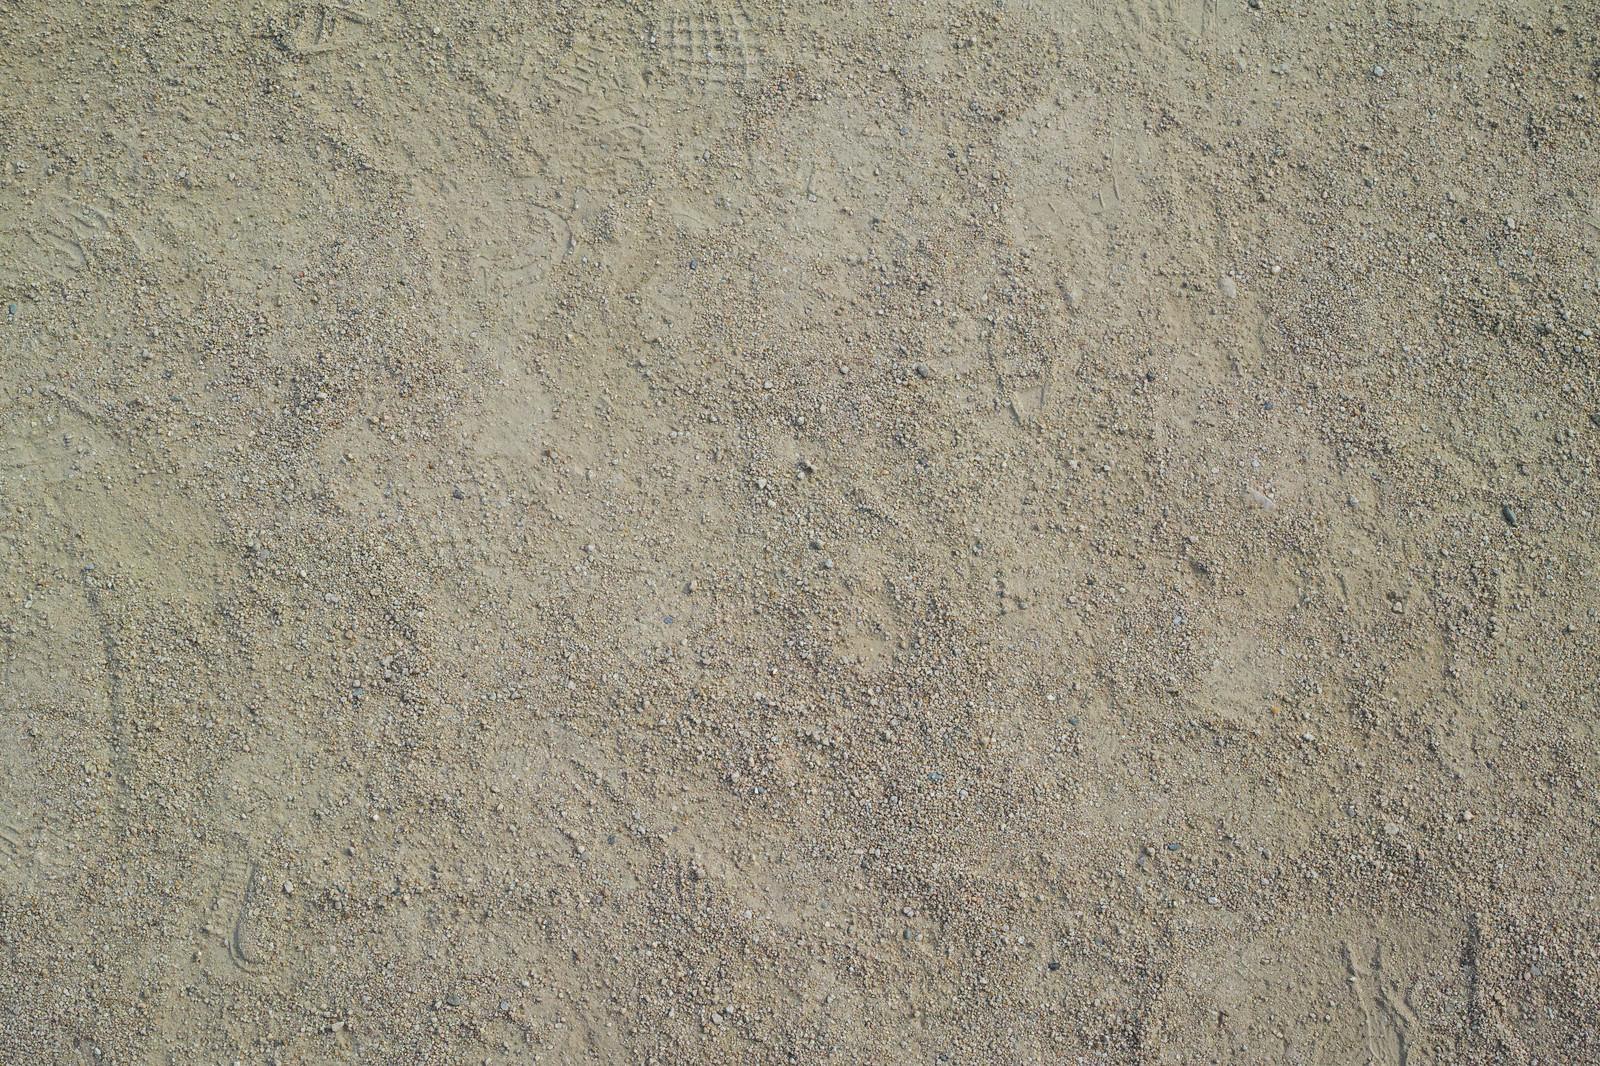 「うっすらと残る足跡(テクスチャ)」の写真